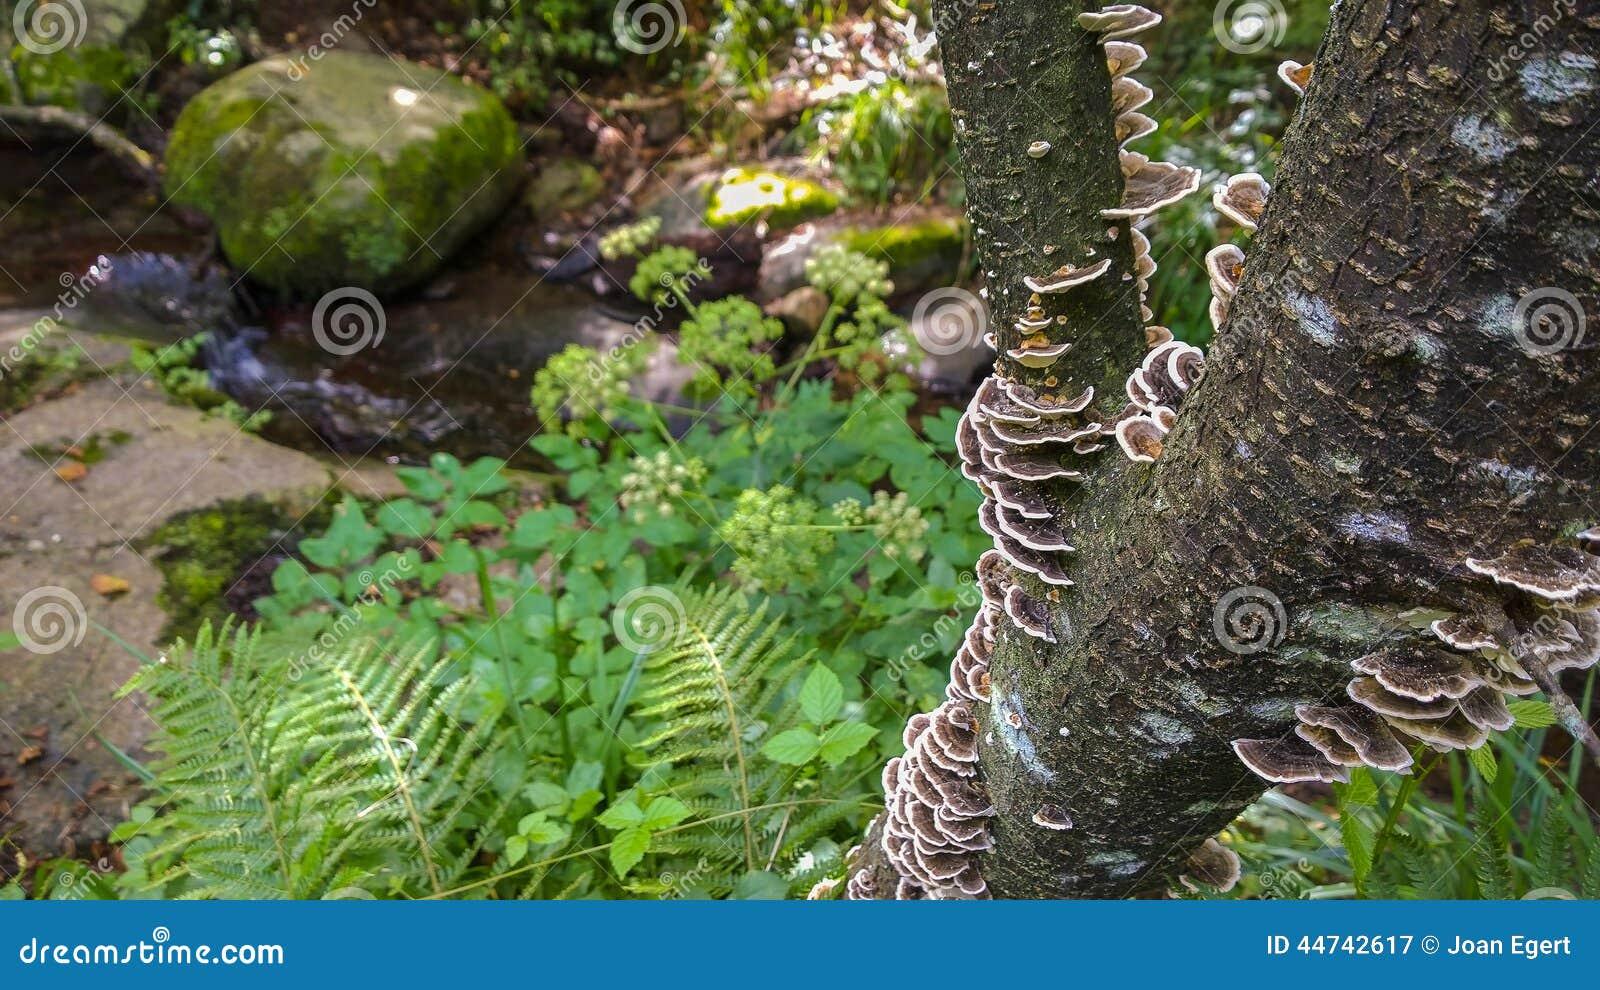 Champignon de parenth se de l 39 artiste s 39 levant sur le - Champignon sur tronc d arbre ...